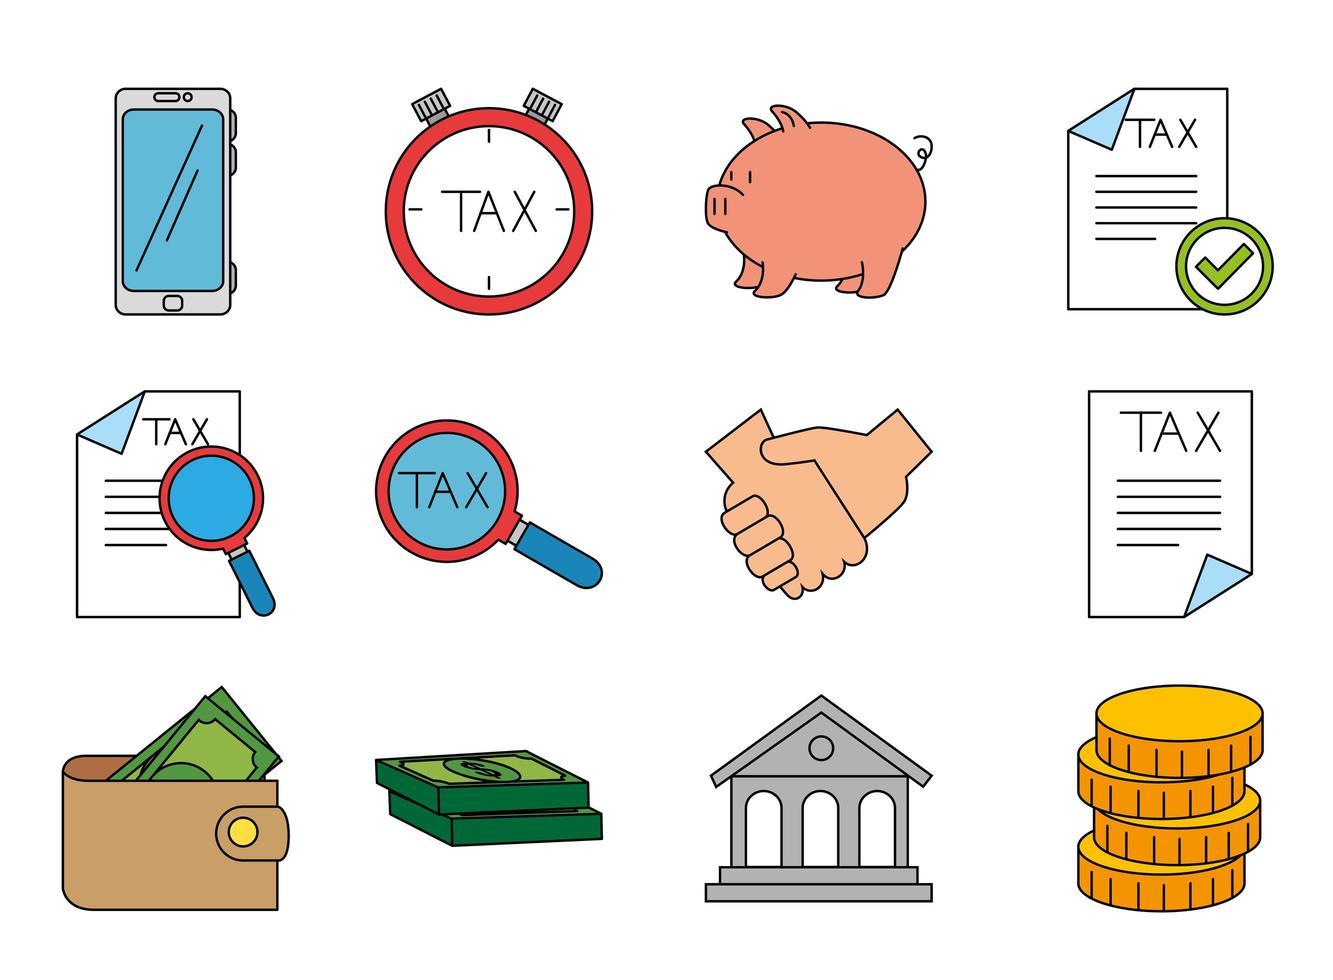 dinheiro isolado e ícone de imposto conjunto de design vetorial vetor